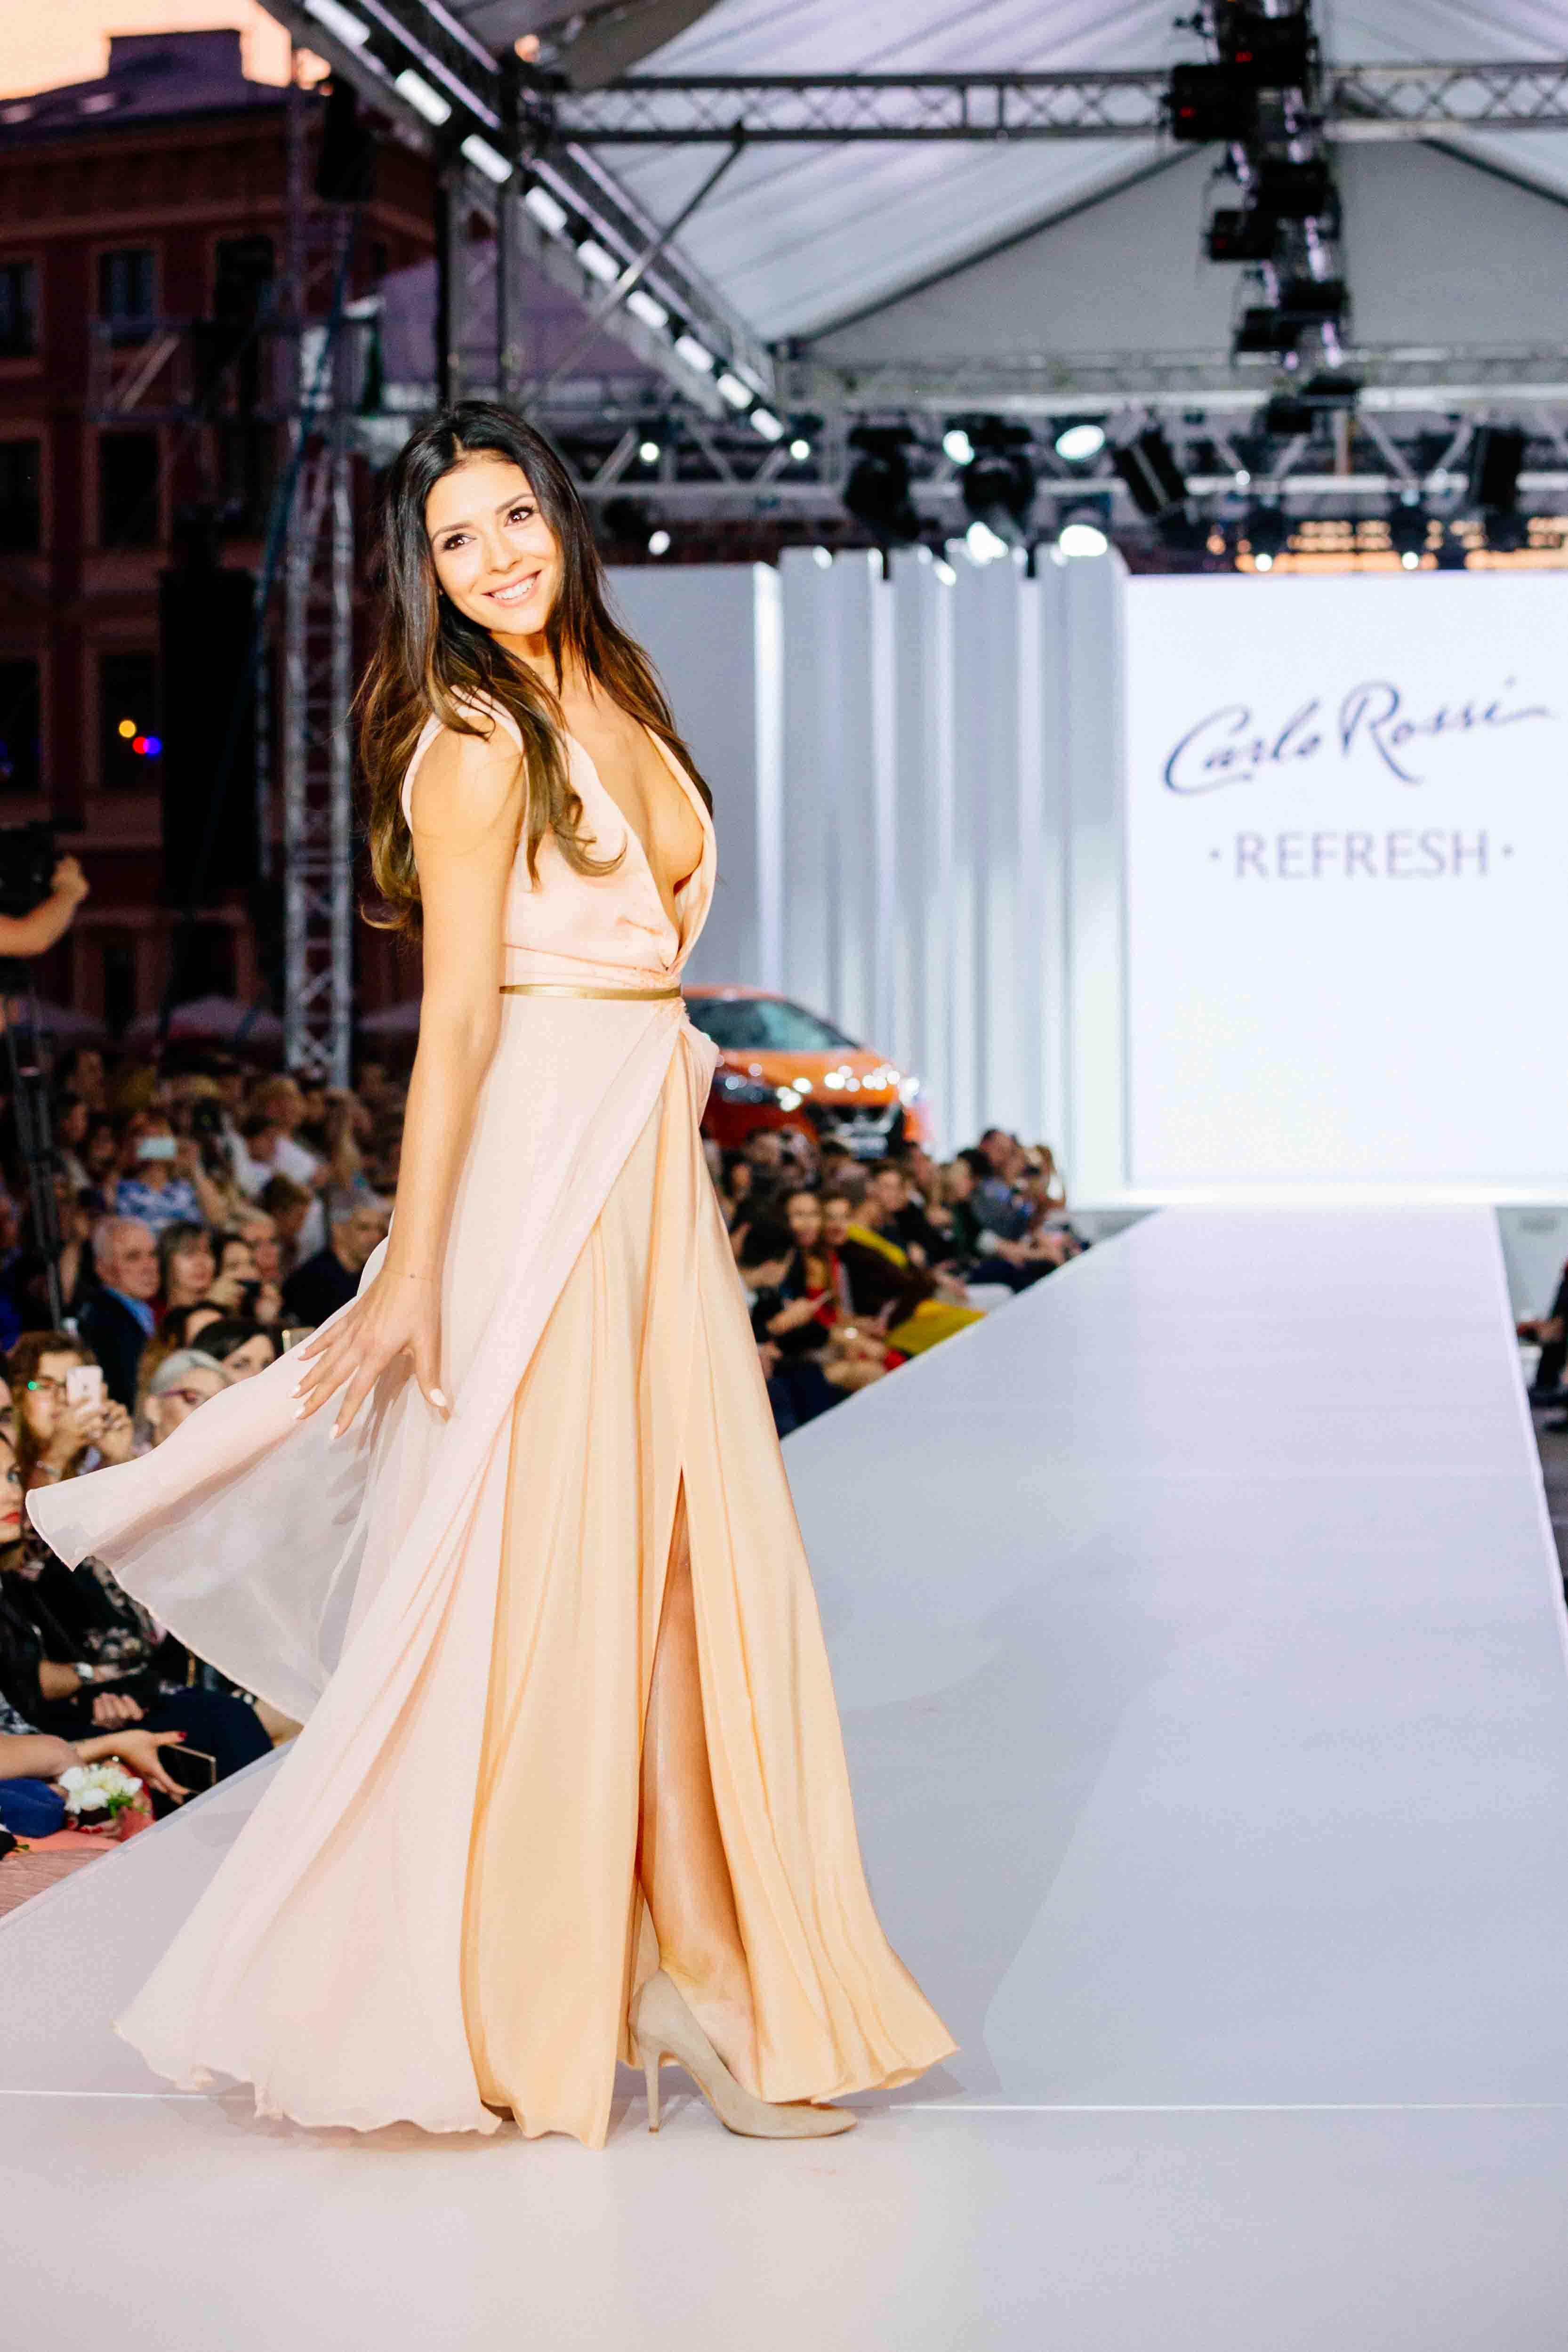 BlogStar: Klaudia Halejcio w zjawiskowej sukni inspirowanej Carlo Rossi Refresh - BlogStar.pl